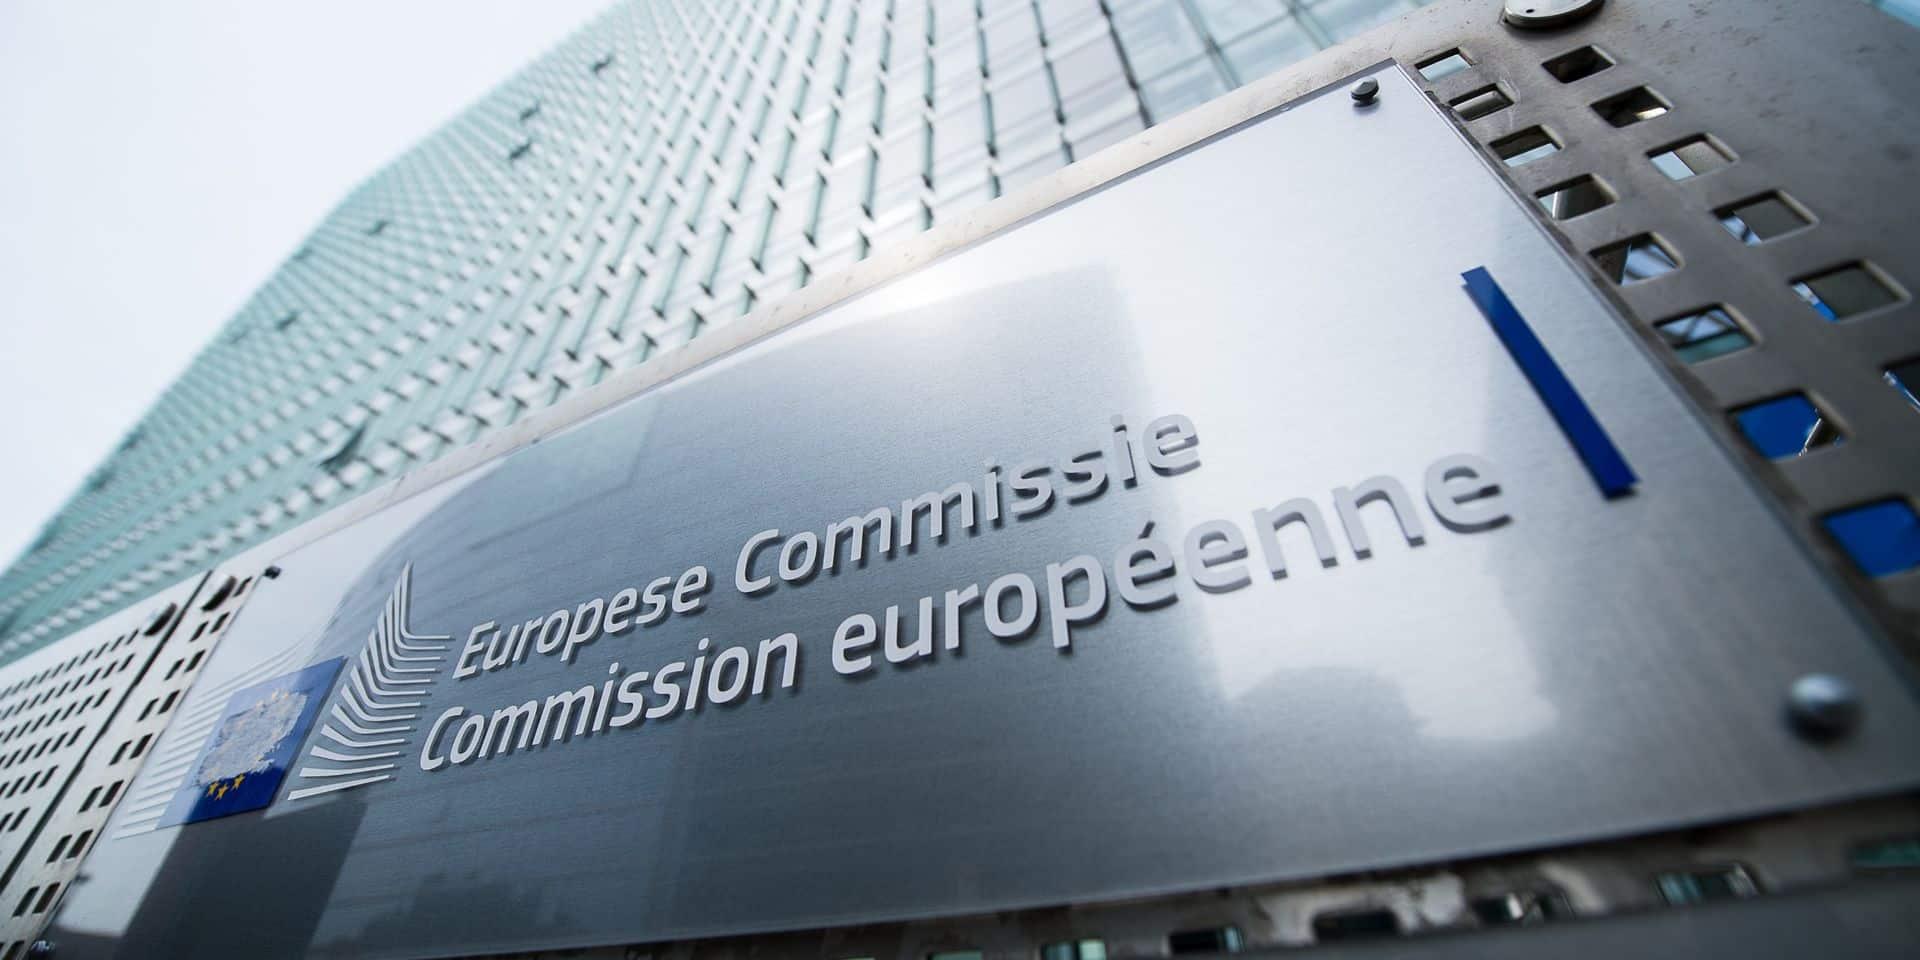 Face à l'épidémie de coronavirus, l'Europe assouplit sa politique d'aides d'État pour soutenir les entreprises en difficulté